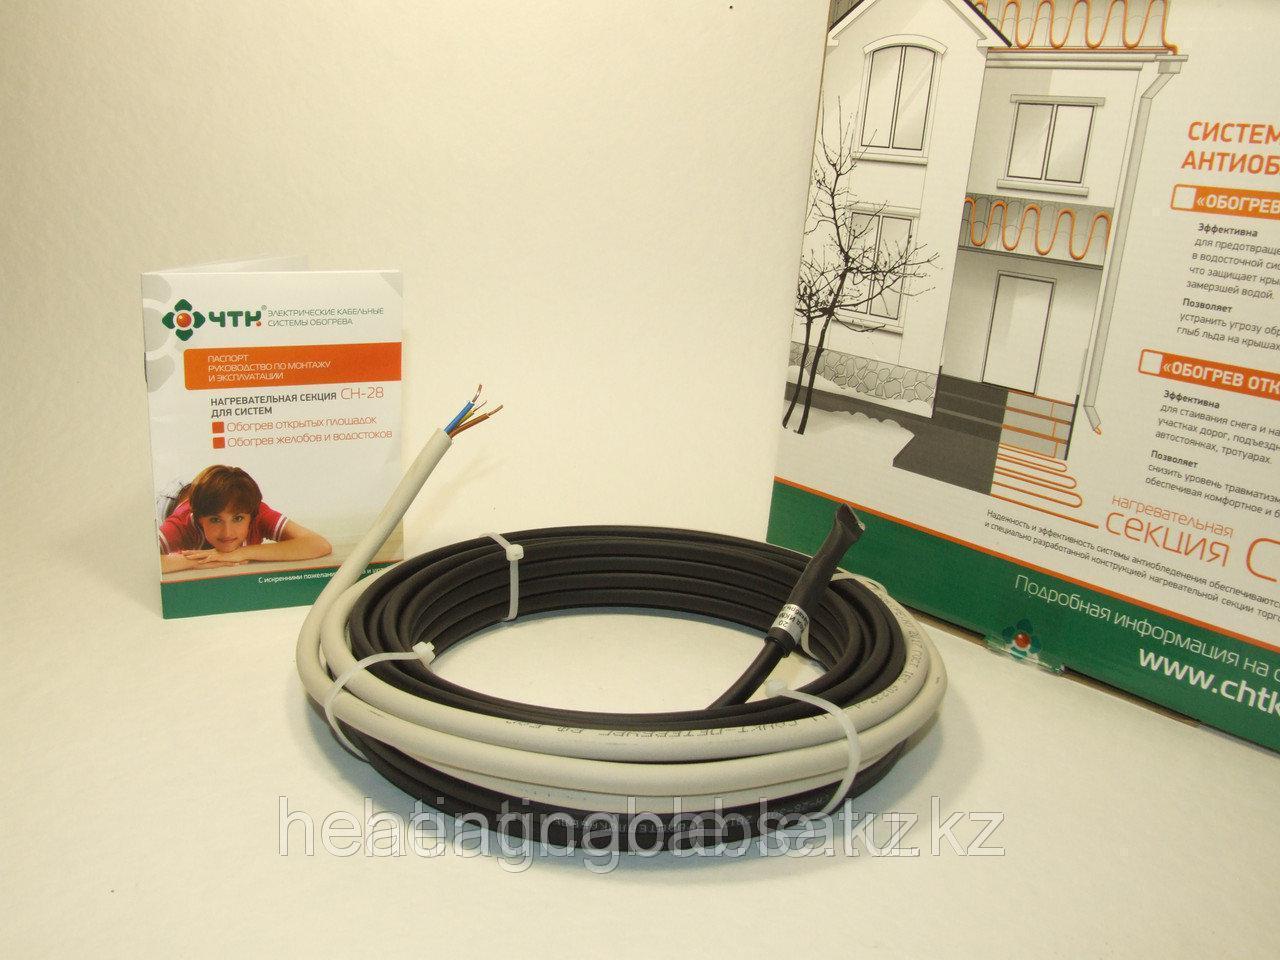 Нагревательный кабель СН-28 14м-392Вт